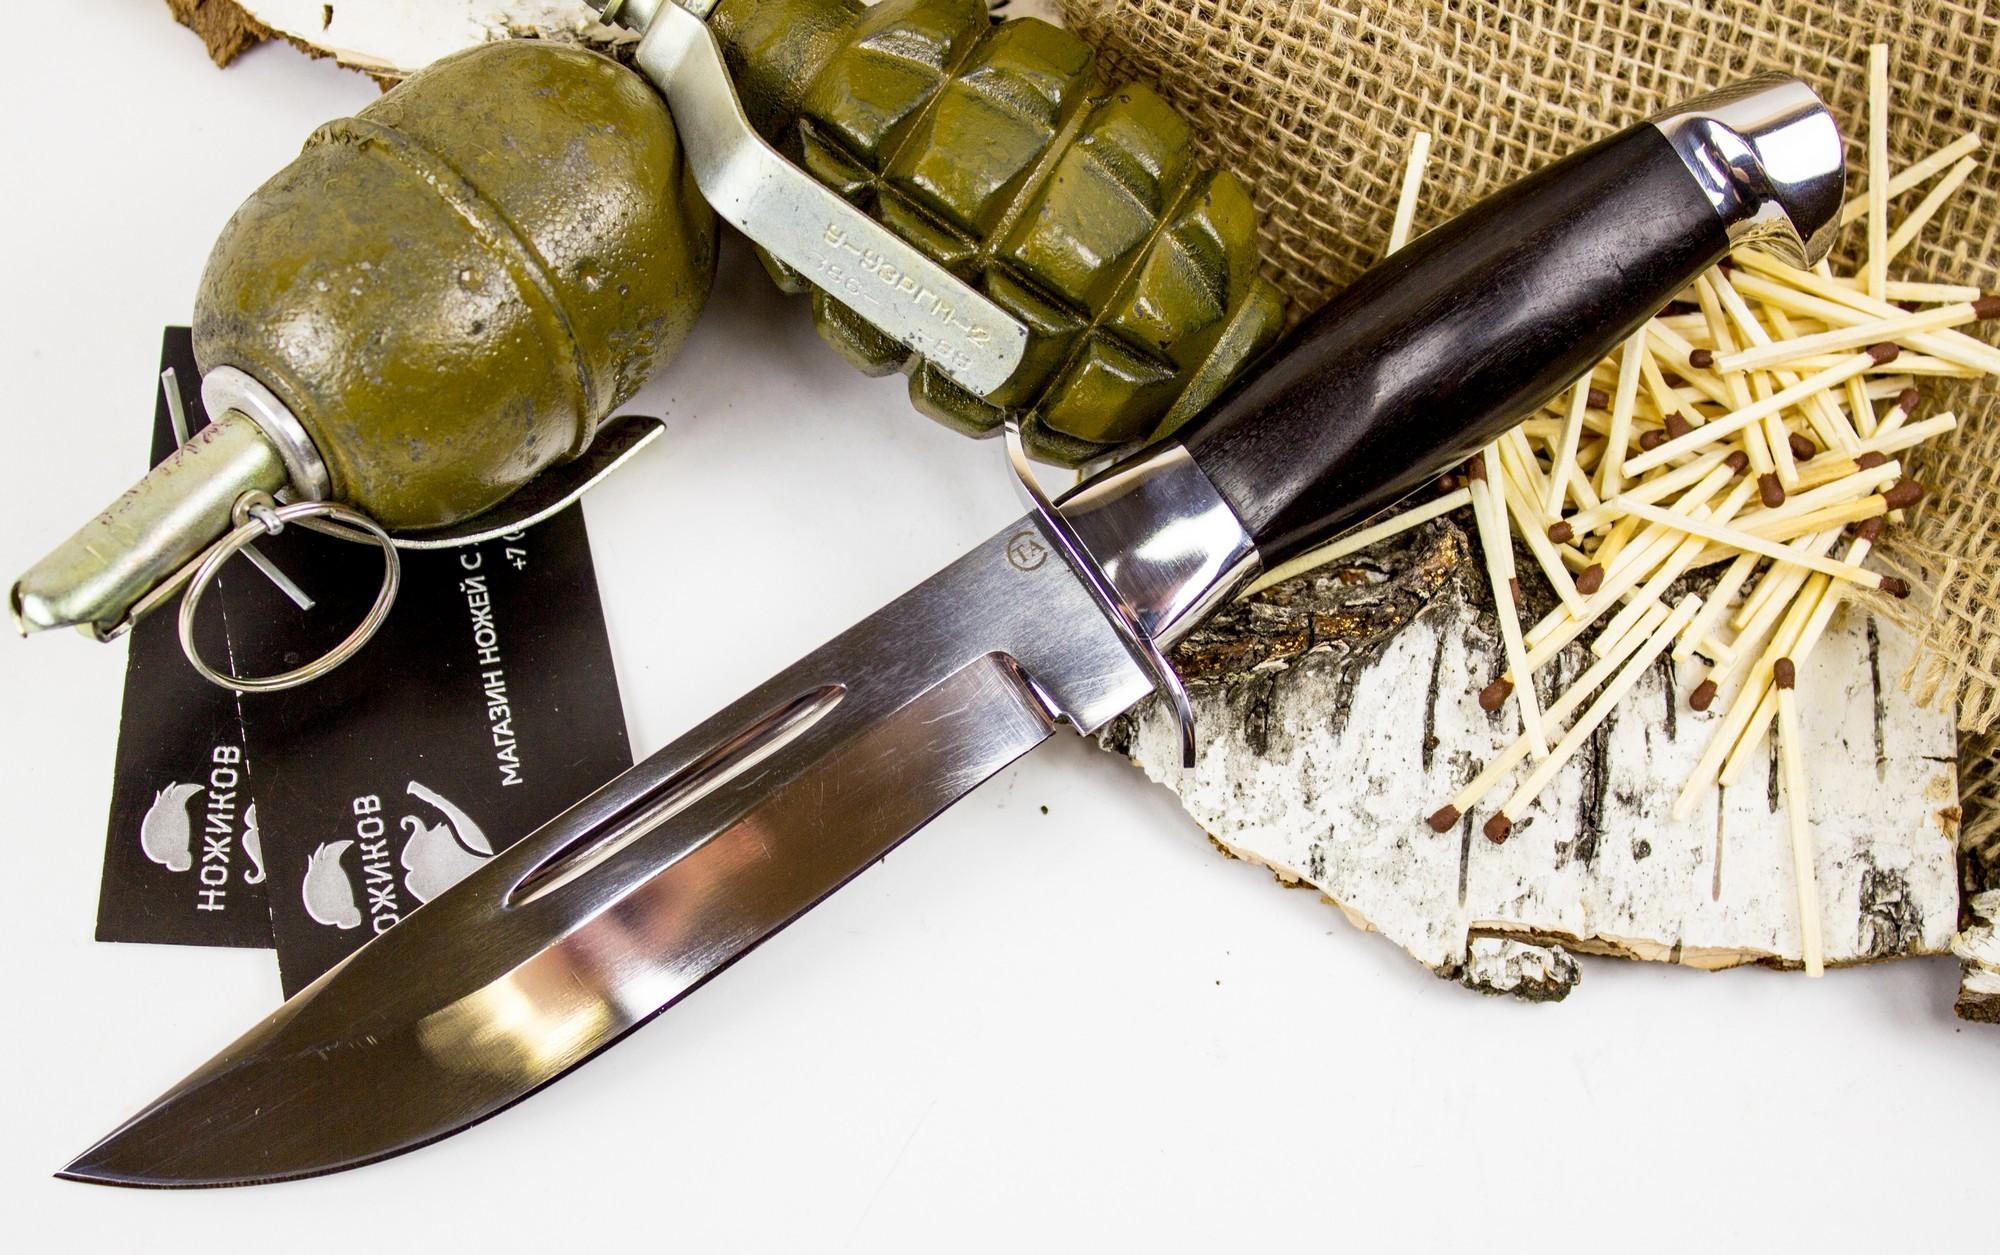 Фото 2 - Нож Макс, сталь 95х18, граб от Титов и Солдатова